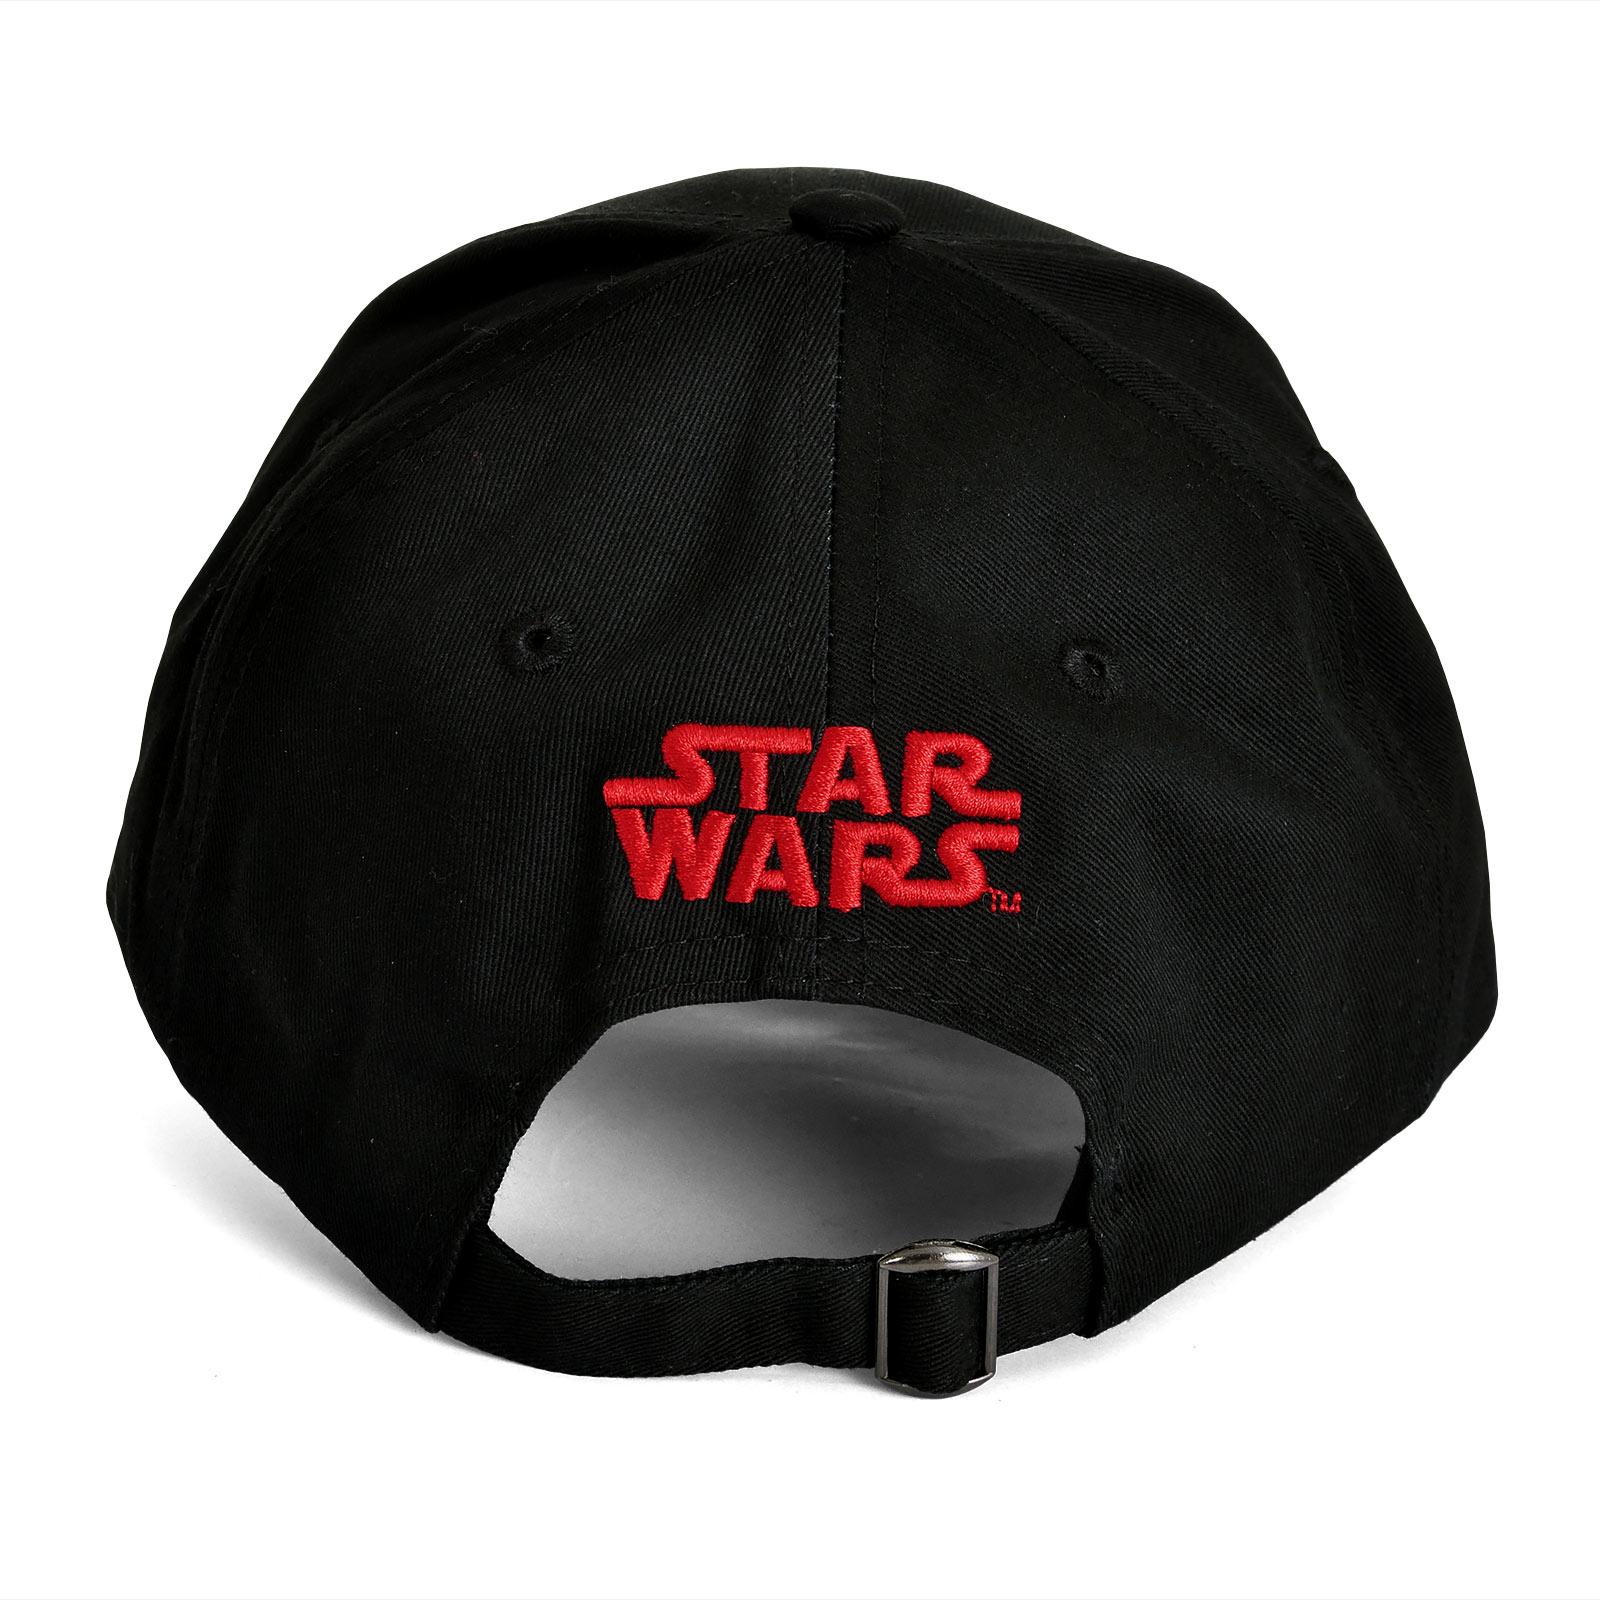 Star Wars - Dark Side Basecap mit Leuchteffekt